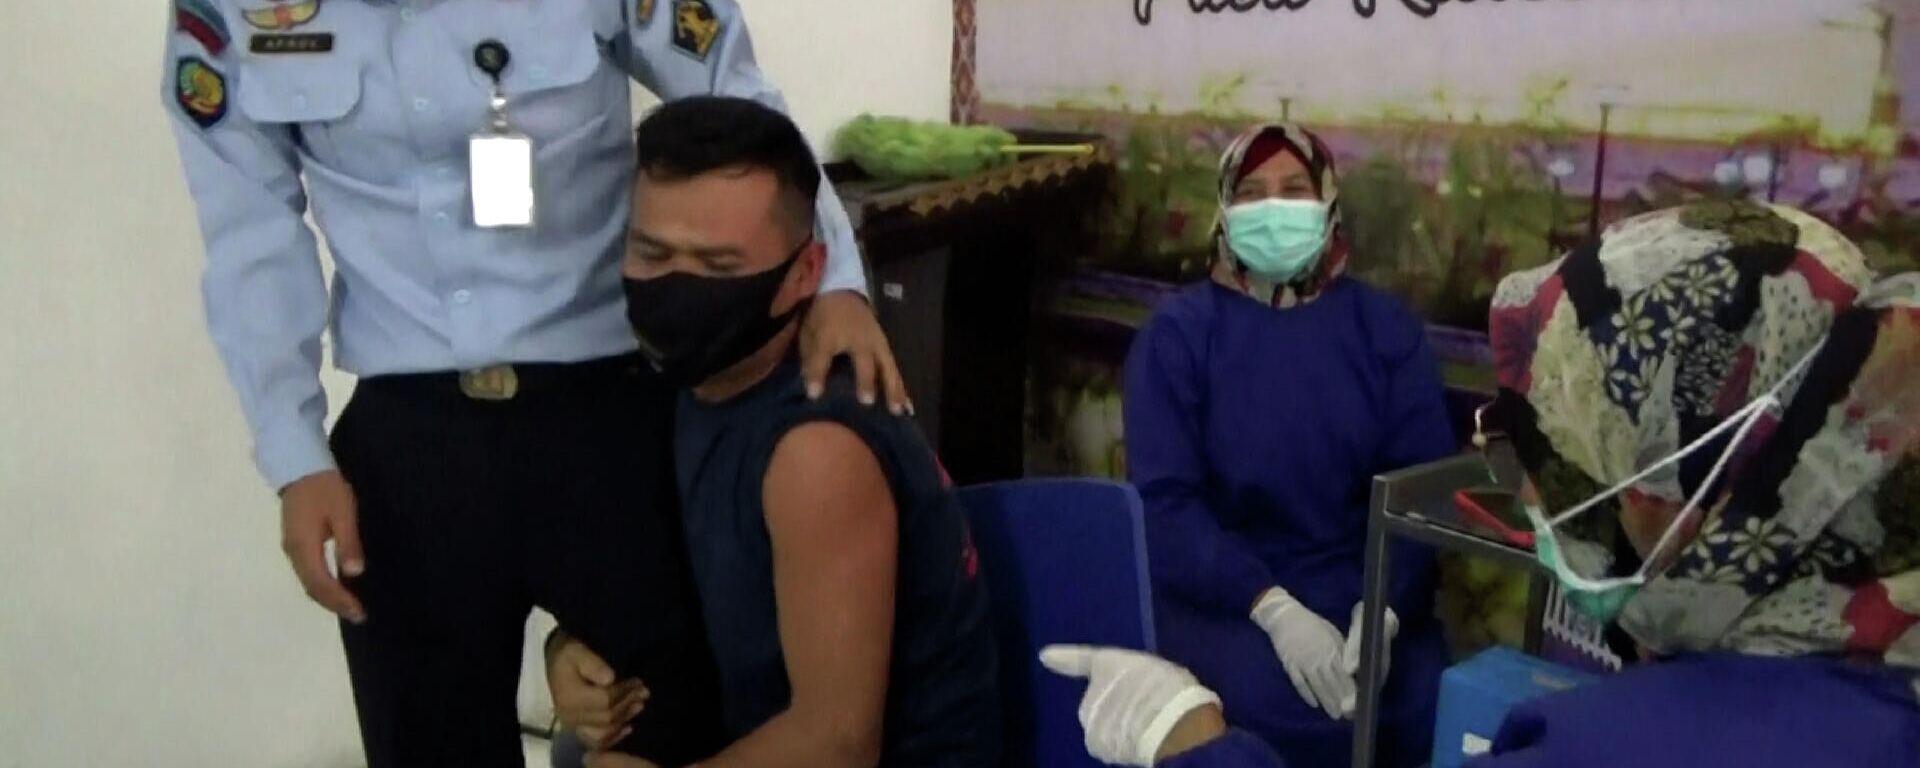 Ο τρόμος της βελόνας: Ινδονήσιος κρατούμενος γαντζώνεται από φρουρό για να κάνει το εμβόλιο - Sputnik Ελλάδα, 1920, 06.07.2021